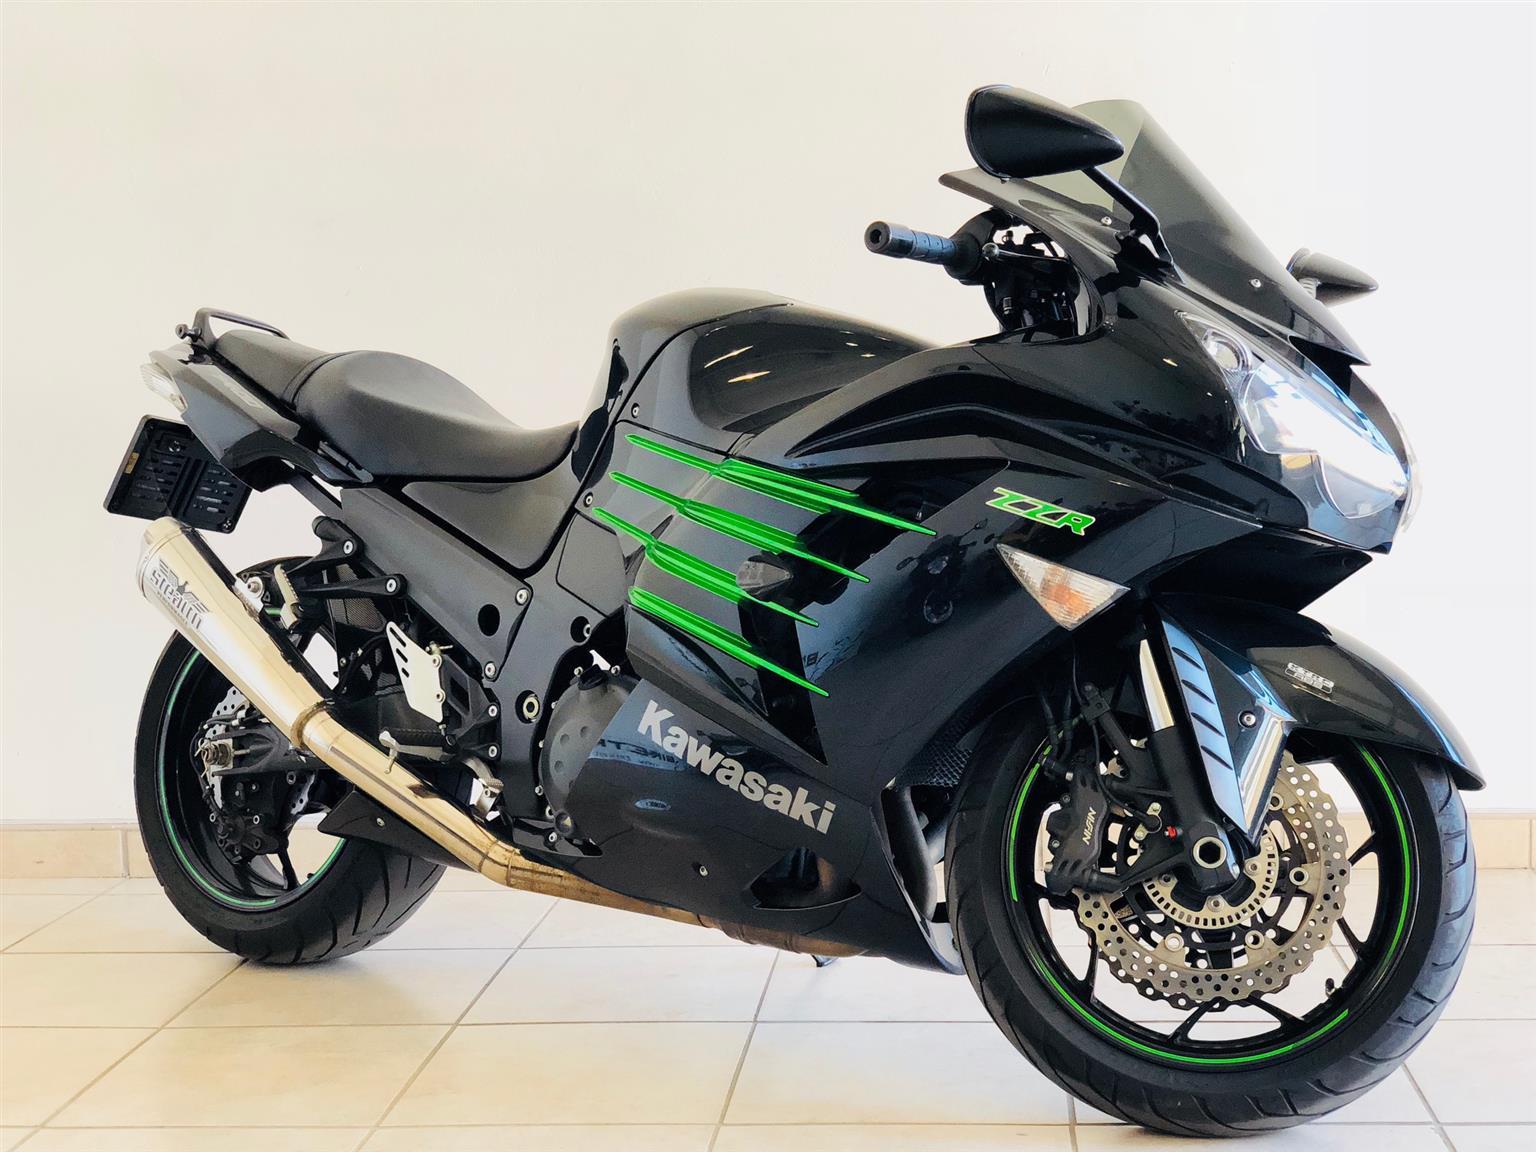 2013 Kawasaki ZX14 Ninja | Junk Mail